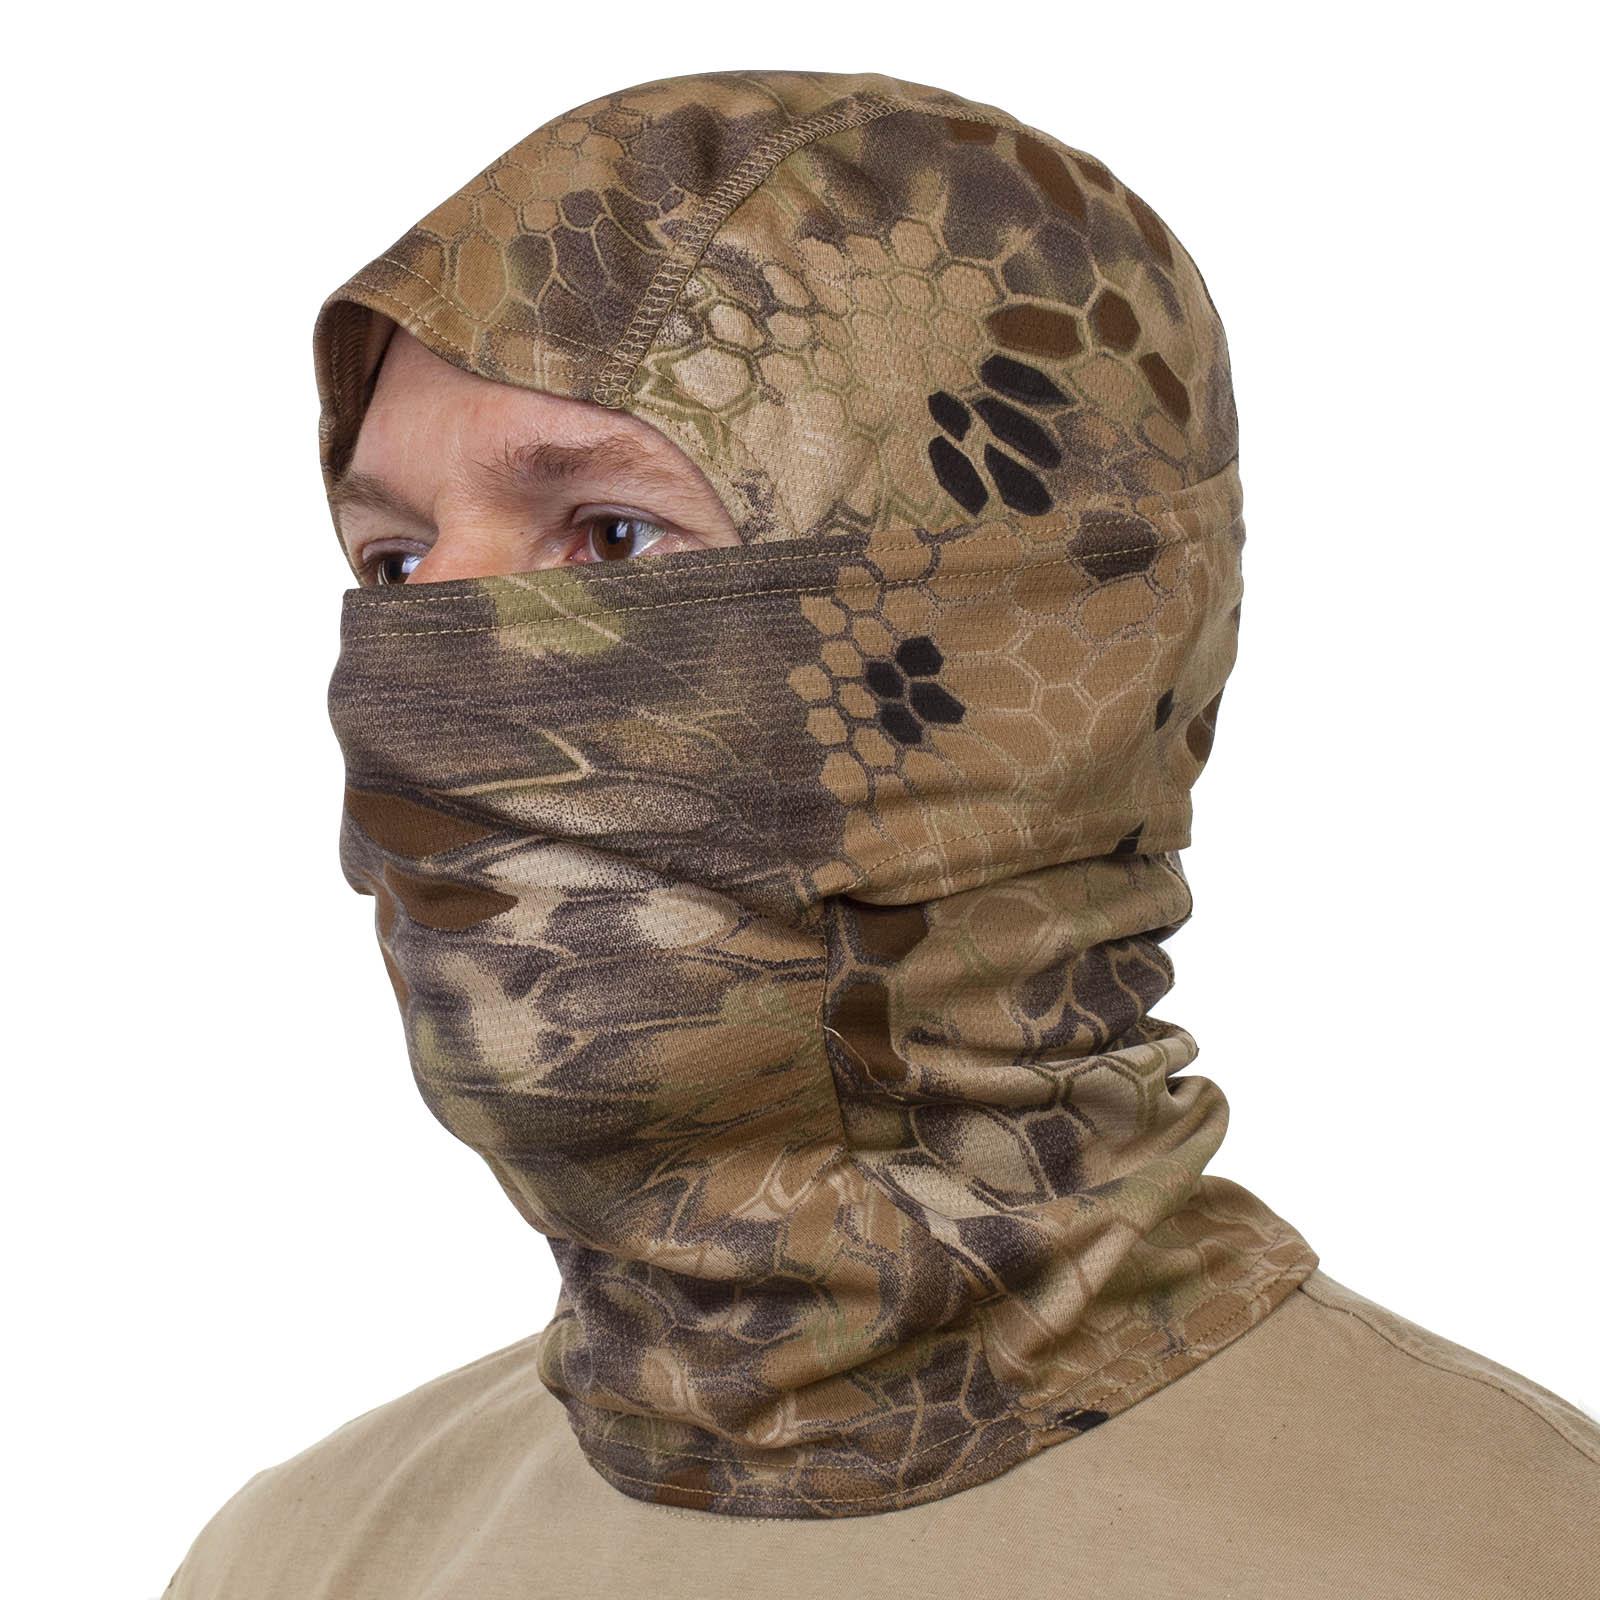 Купить в военторге маску подшлемник Kryptek Nomad